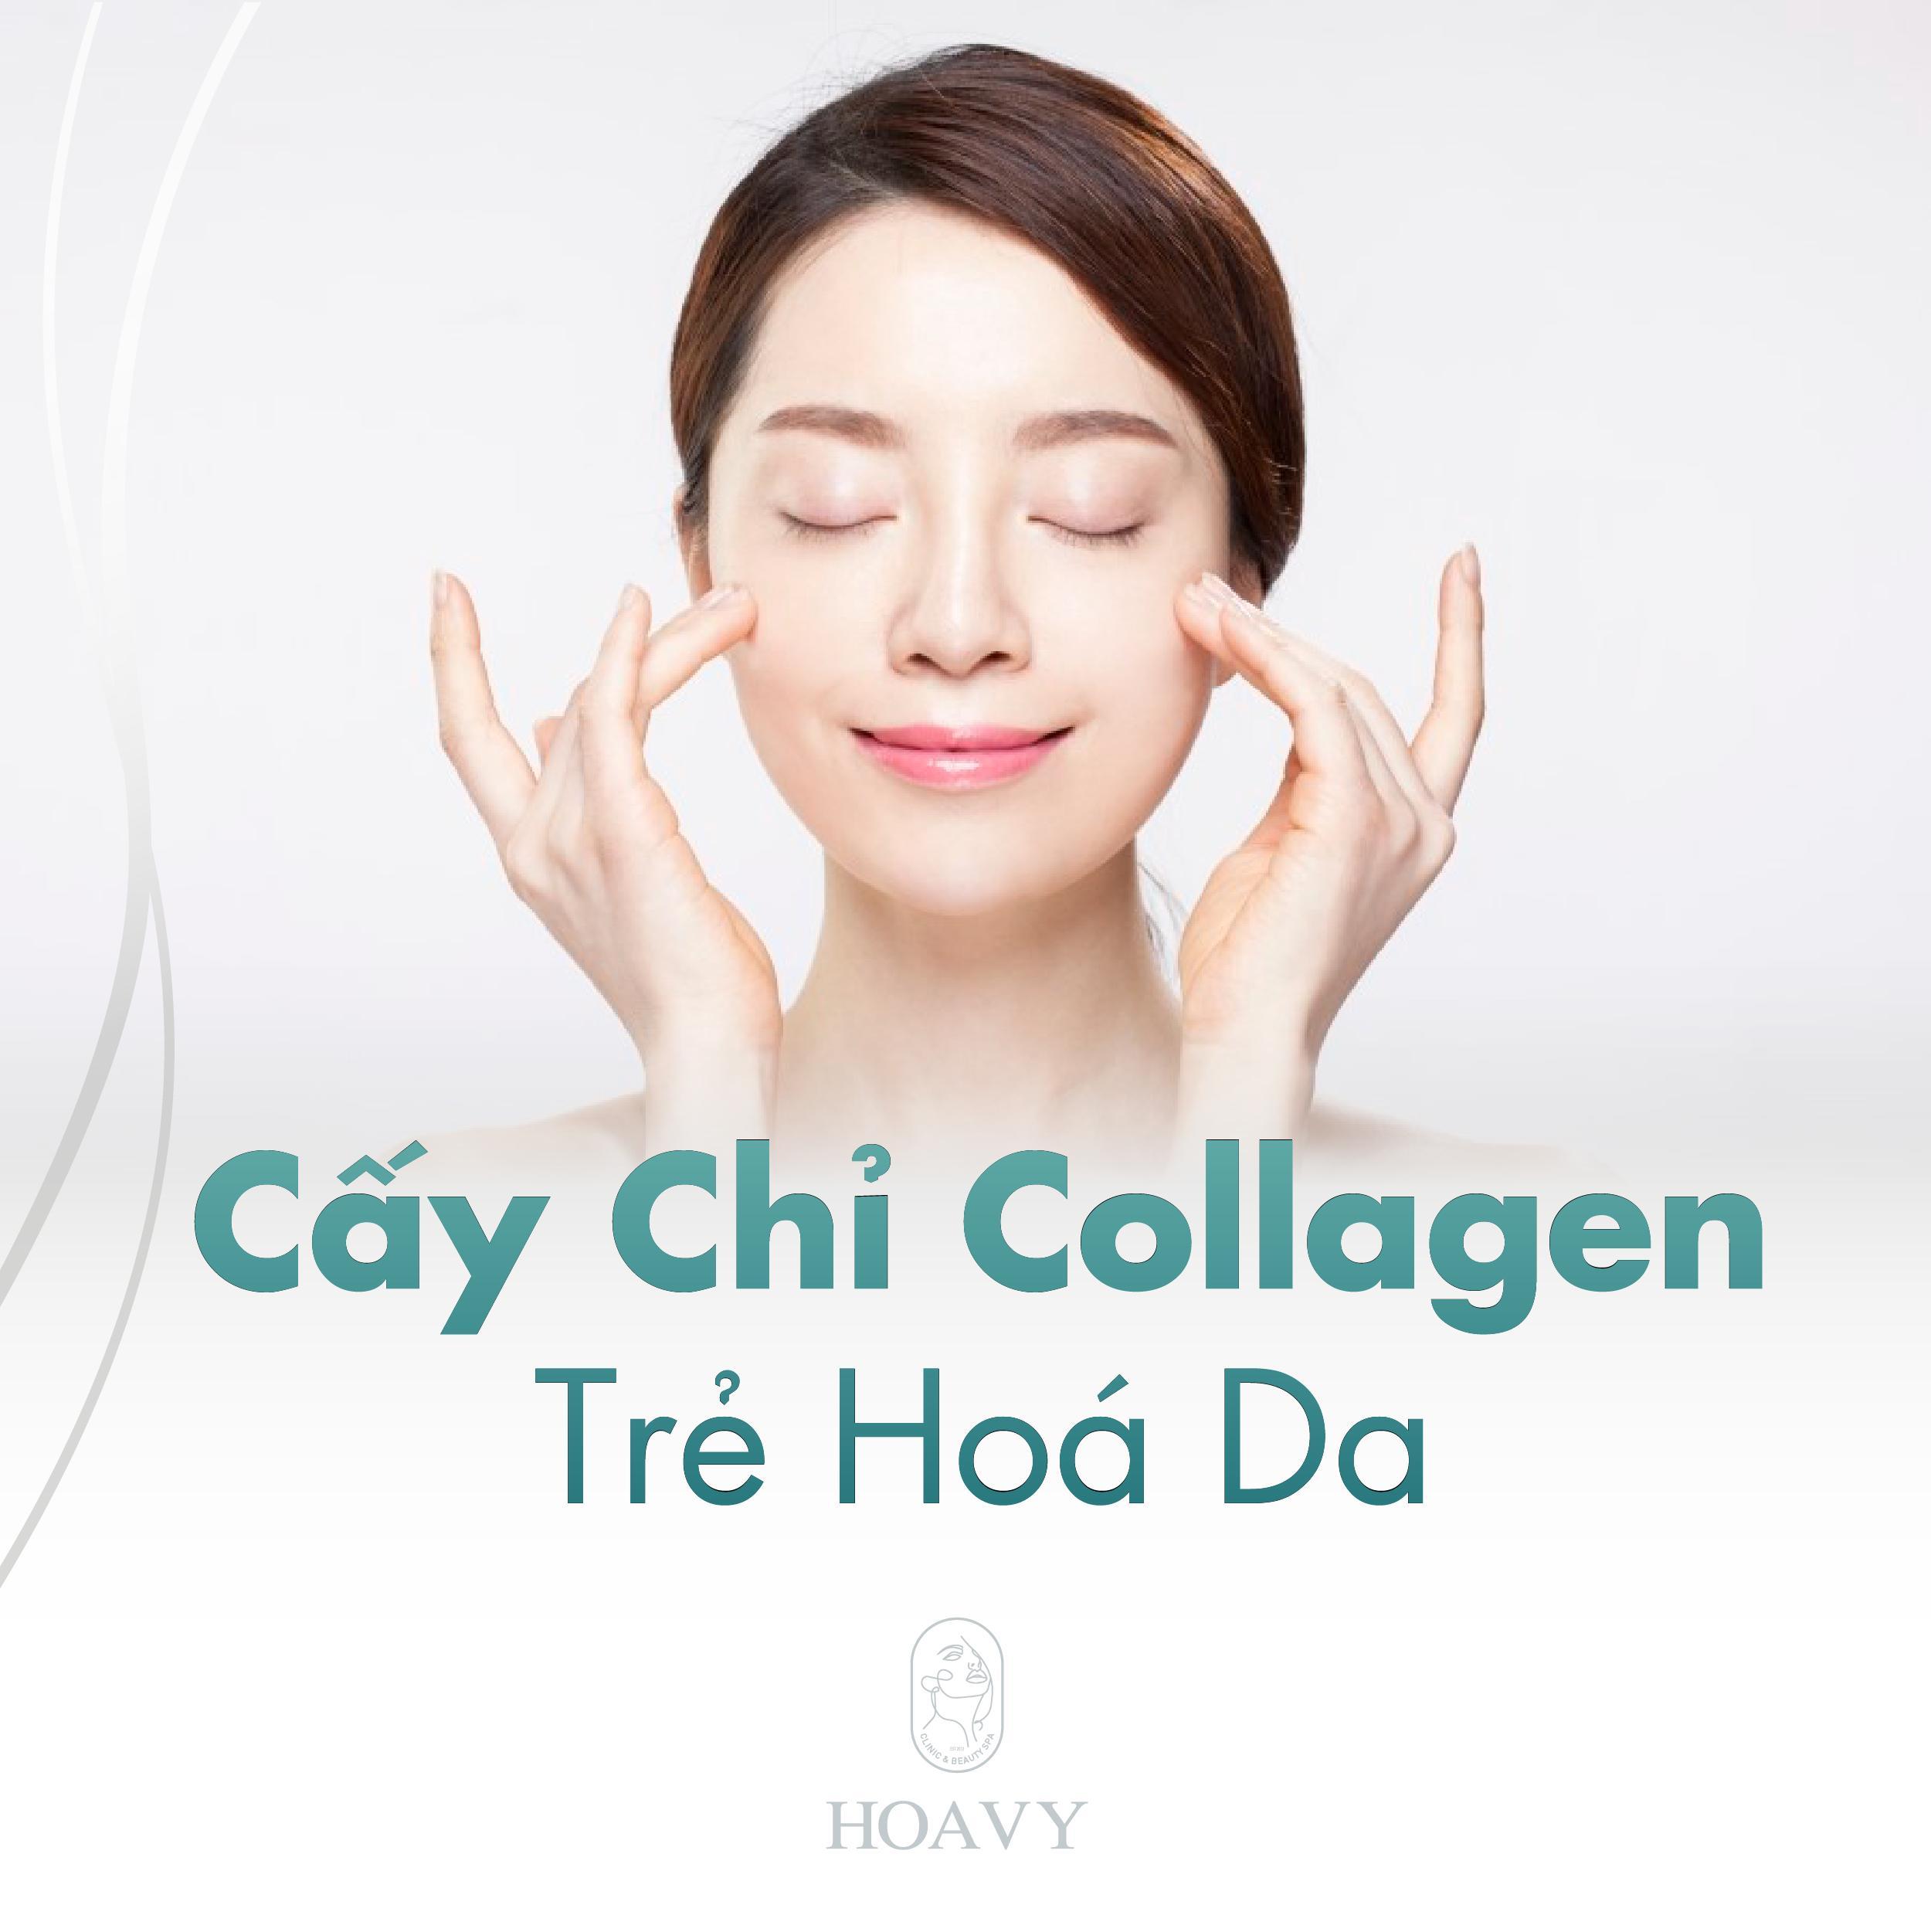 cay chi collagen tre hoa da tai hai phong- cang da tai hai phong